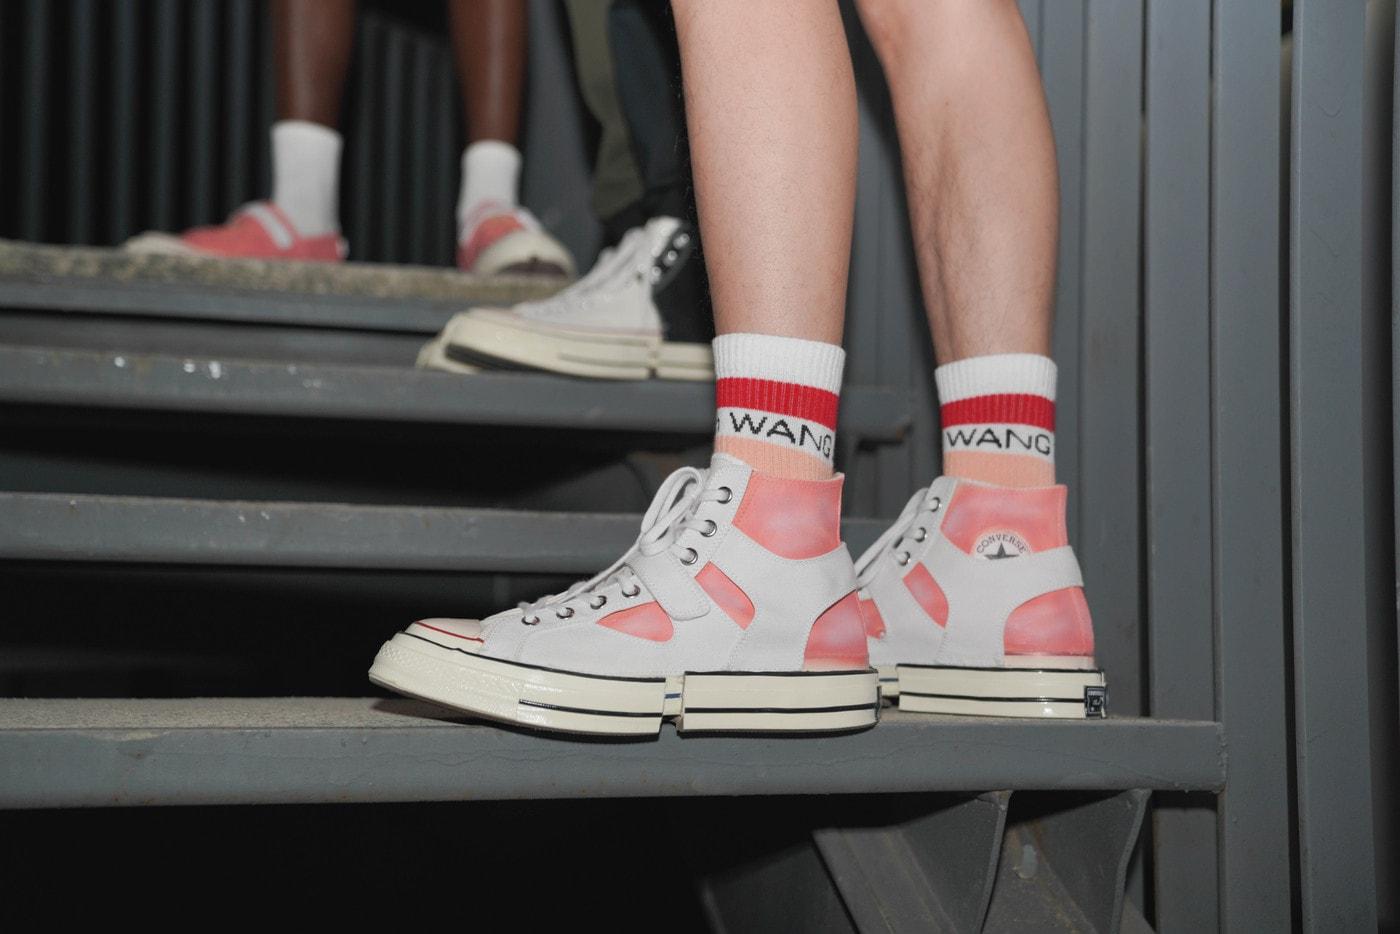 經她改造的 Converse 鞋款都被搶購一空 | Home Chat:專訪中國設計師 Feng Chen Wang